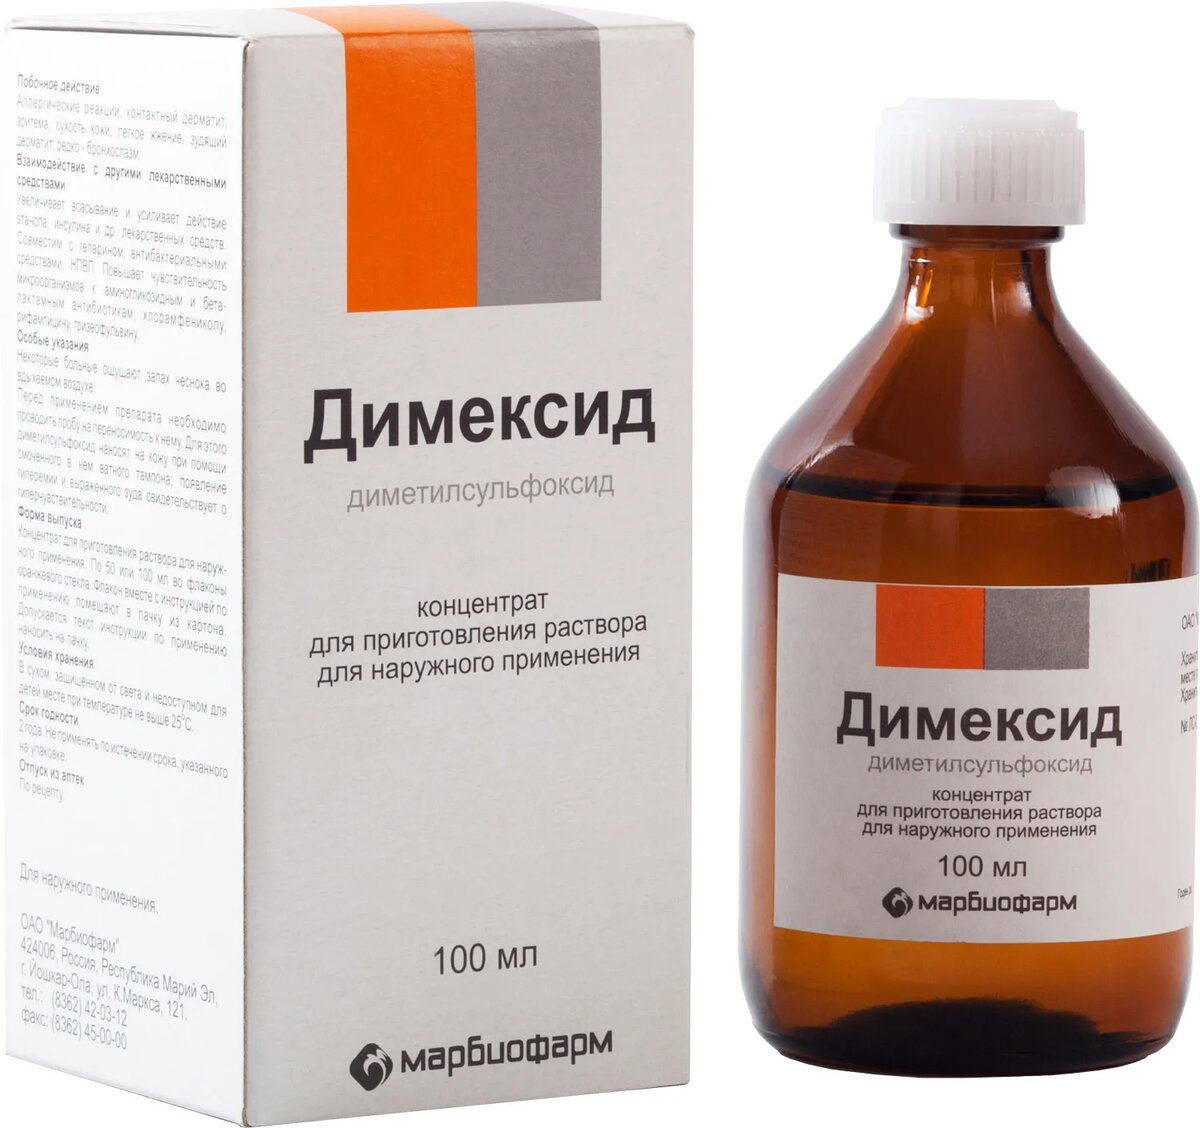 Витамины от выпадения волос: список популярных препаратов